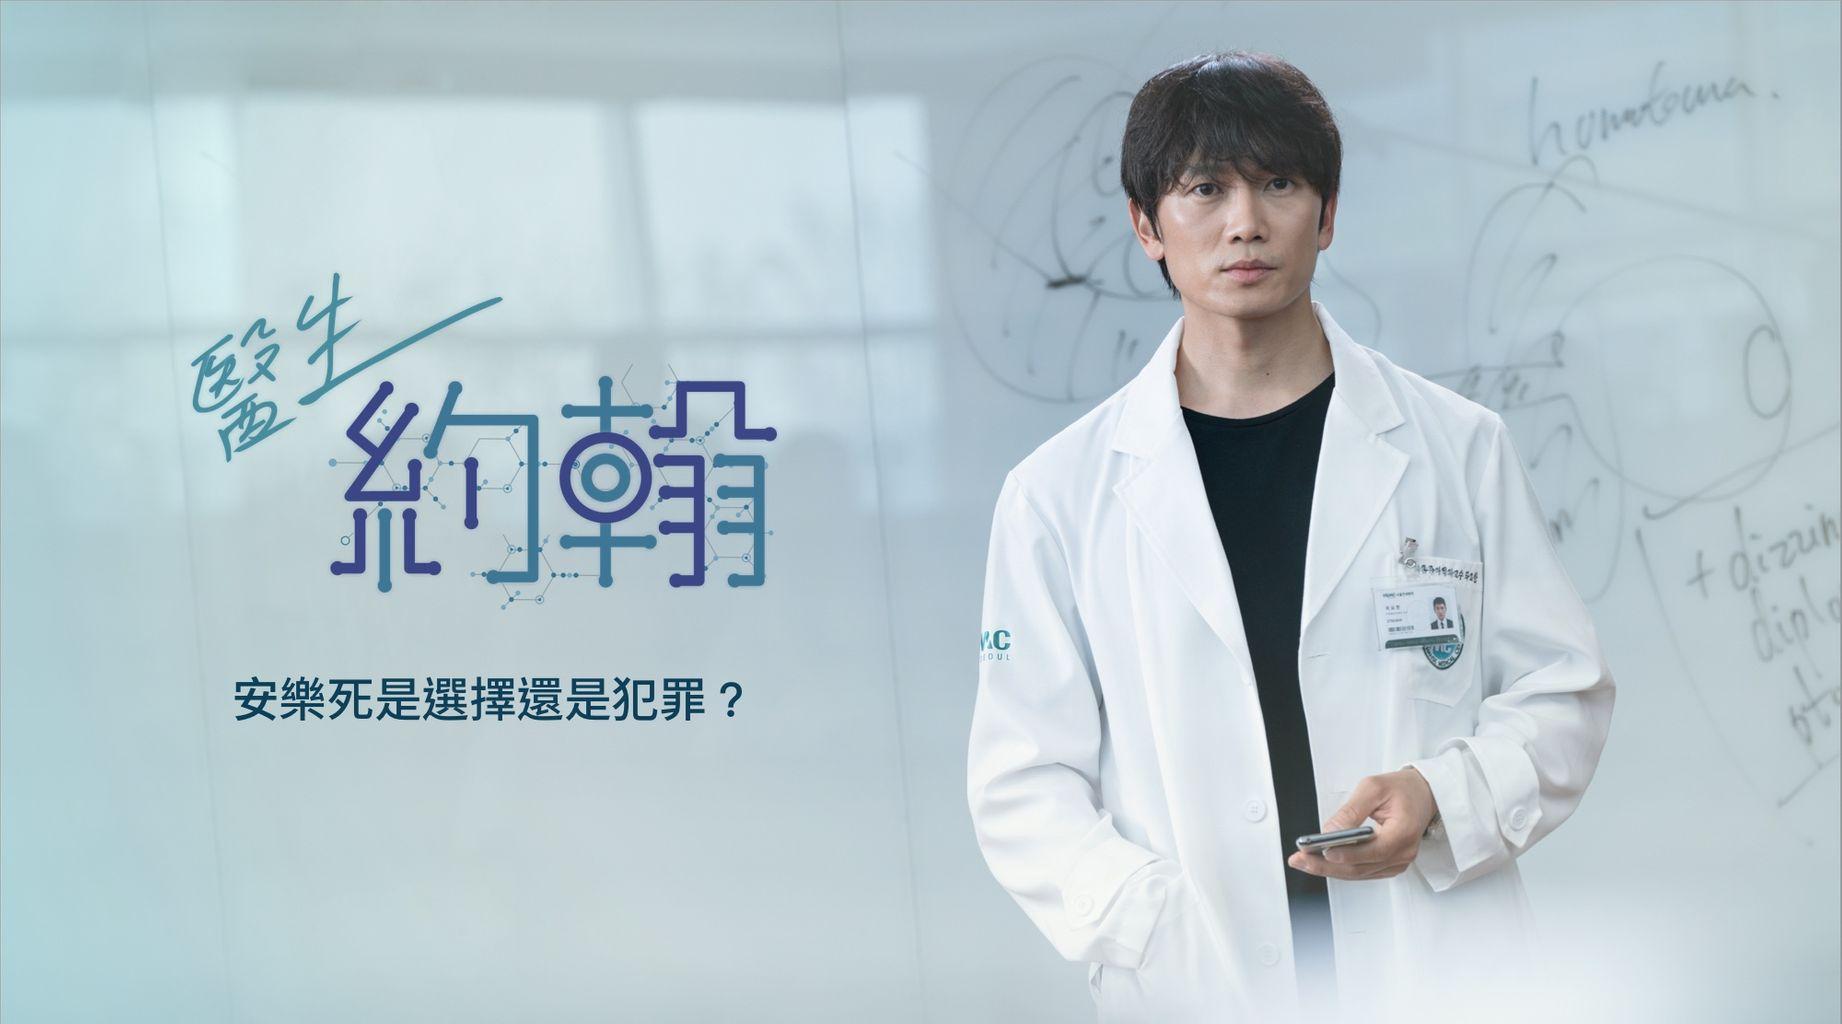 約翰醫生 Doctor John第1集|免費線上看|韓劇|LINE TV-精彩隨看